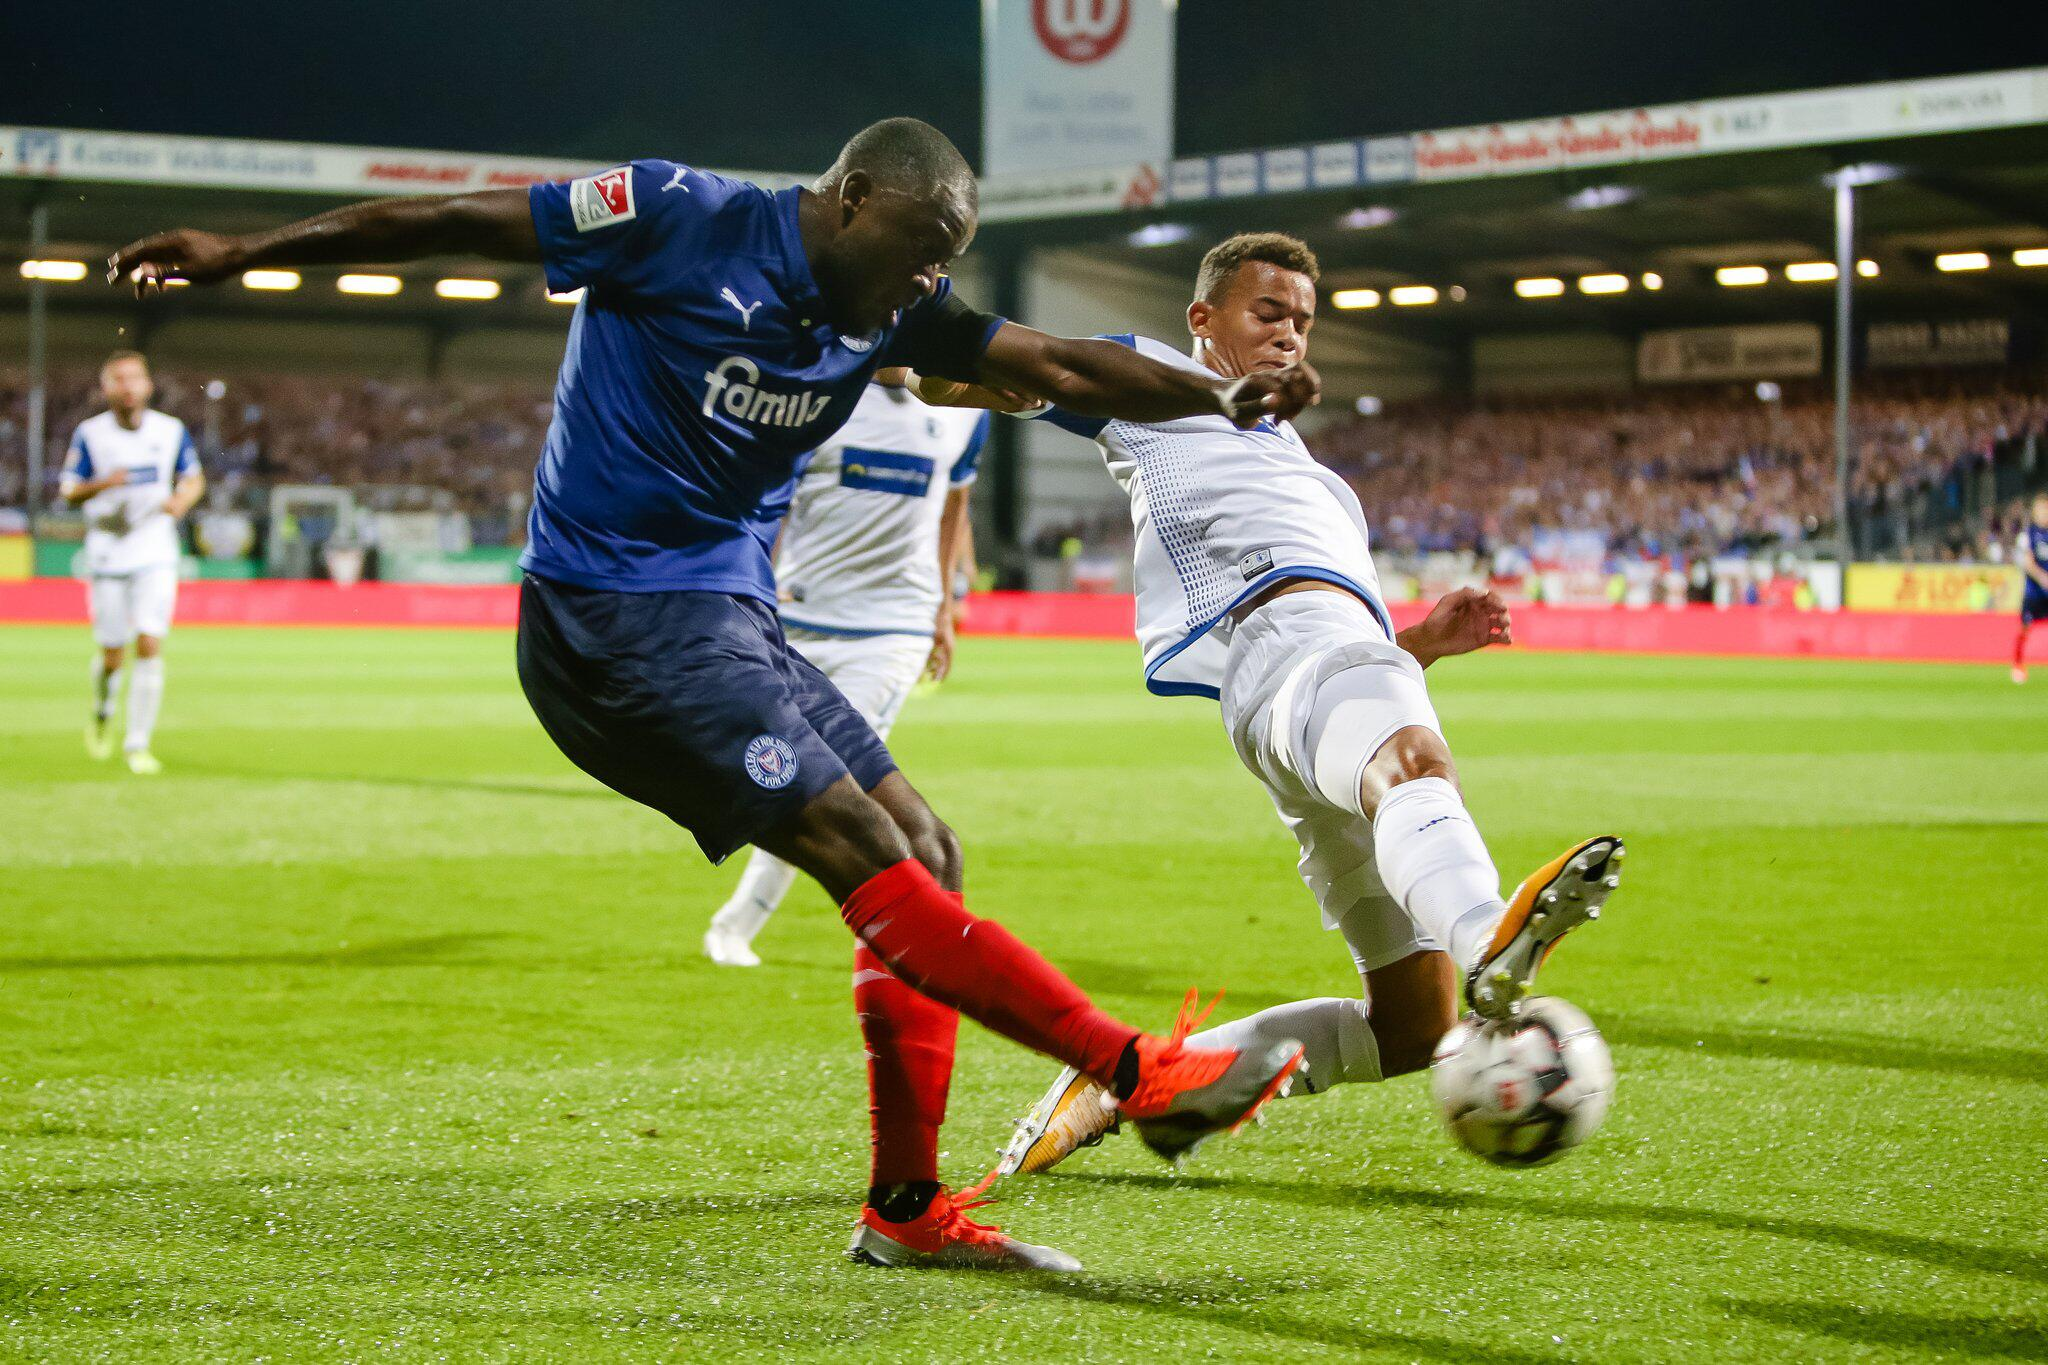 Bild zu Holstein Kiel - 1st FC Magdeburg